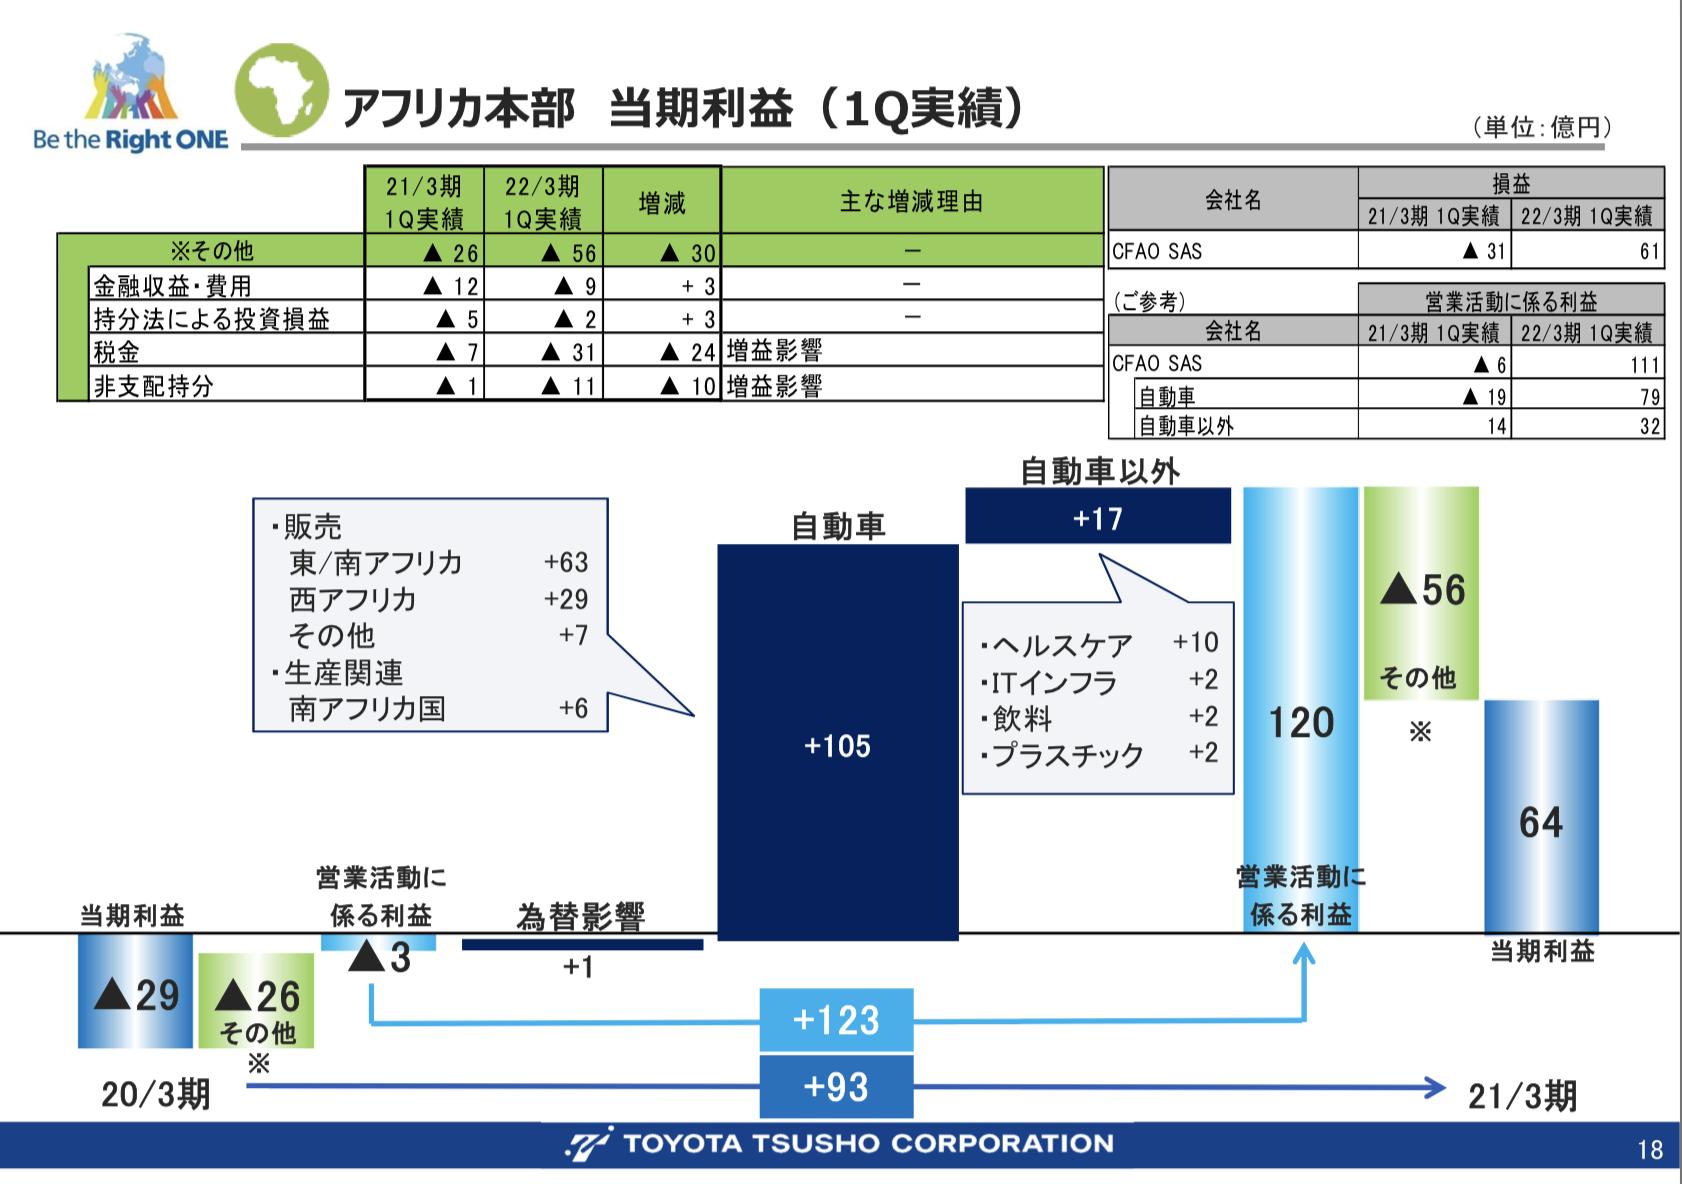 豊田通商 2022年3月期第1四半期決算を徹底解説! さとり世代の株日記 資産運用 株 投資 資産形成